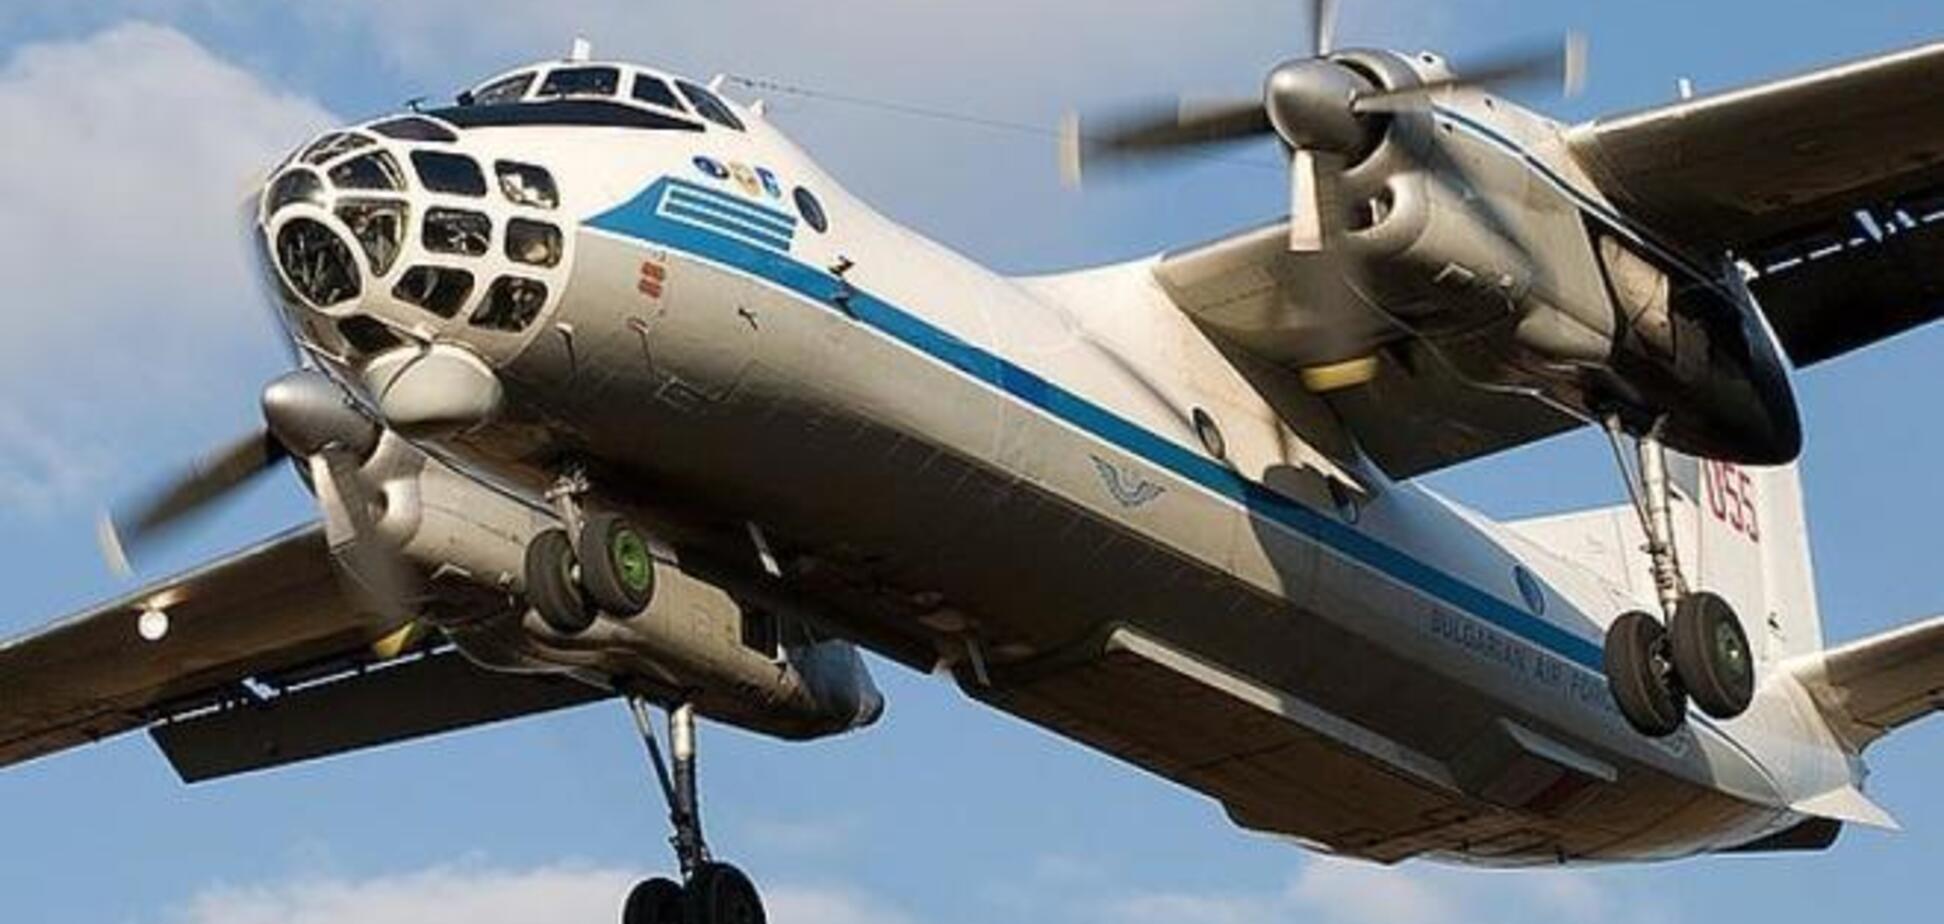 Судьба двух летчиков Ан-26 до сих пор неизвестна - Селезнев